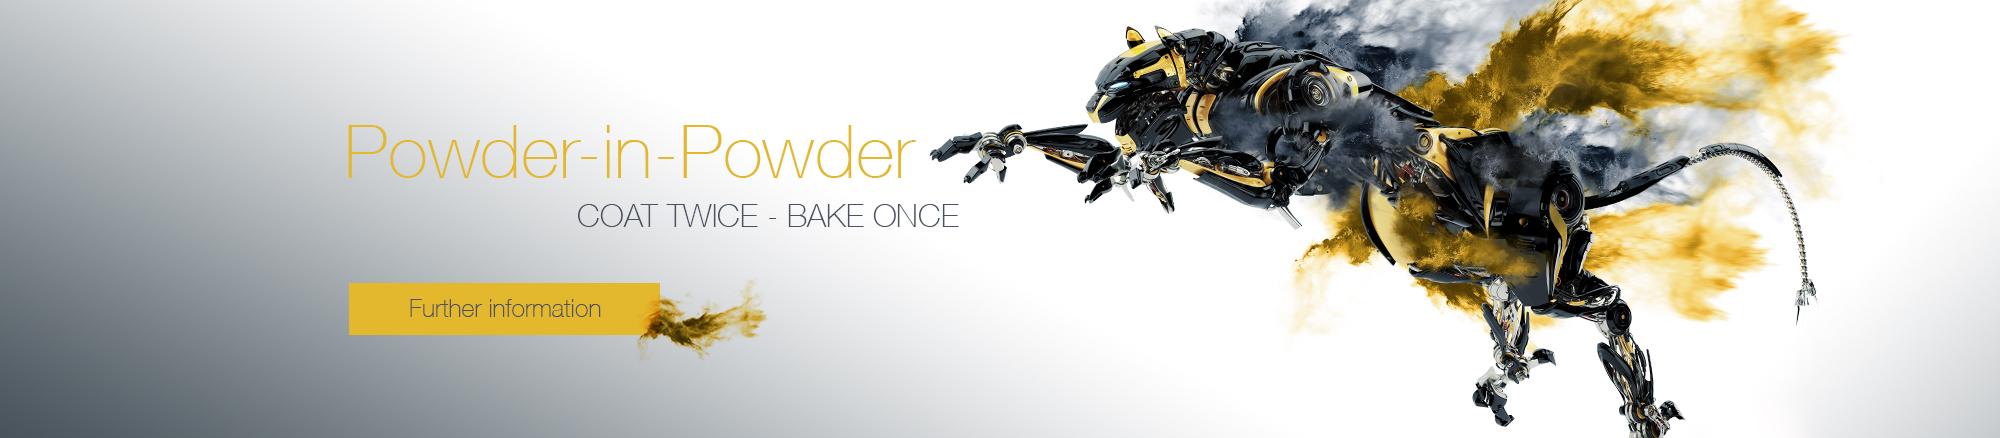 Powder-in-Powder technology of FreiLacke